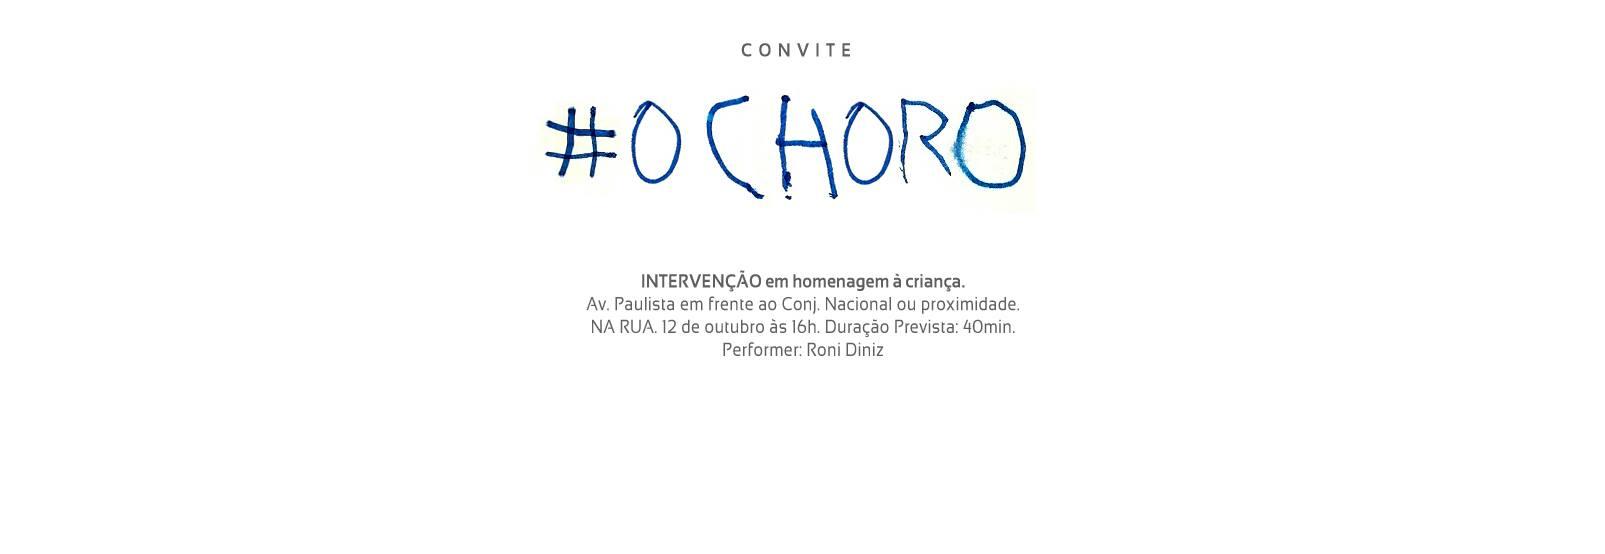 O_Choro_Performance,_Intervenção_Urbana_para_o_Dia_das_Crianças_-_Flyer